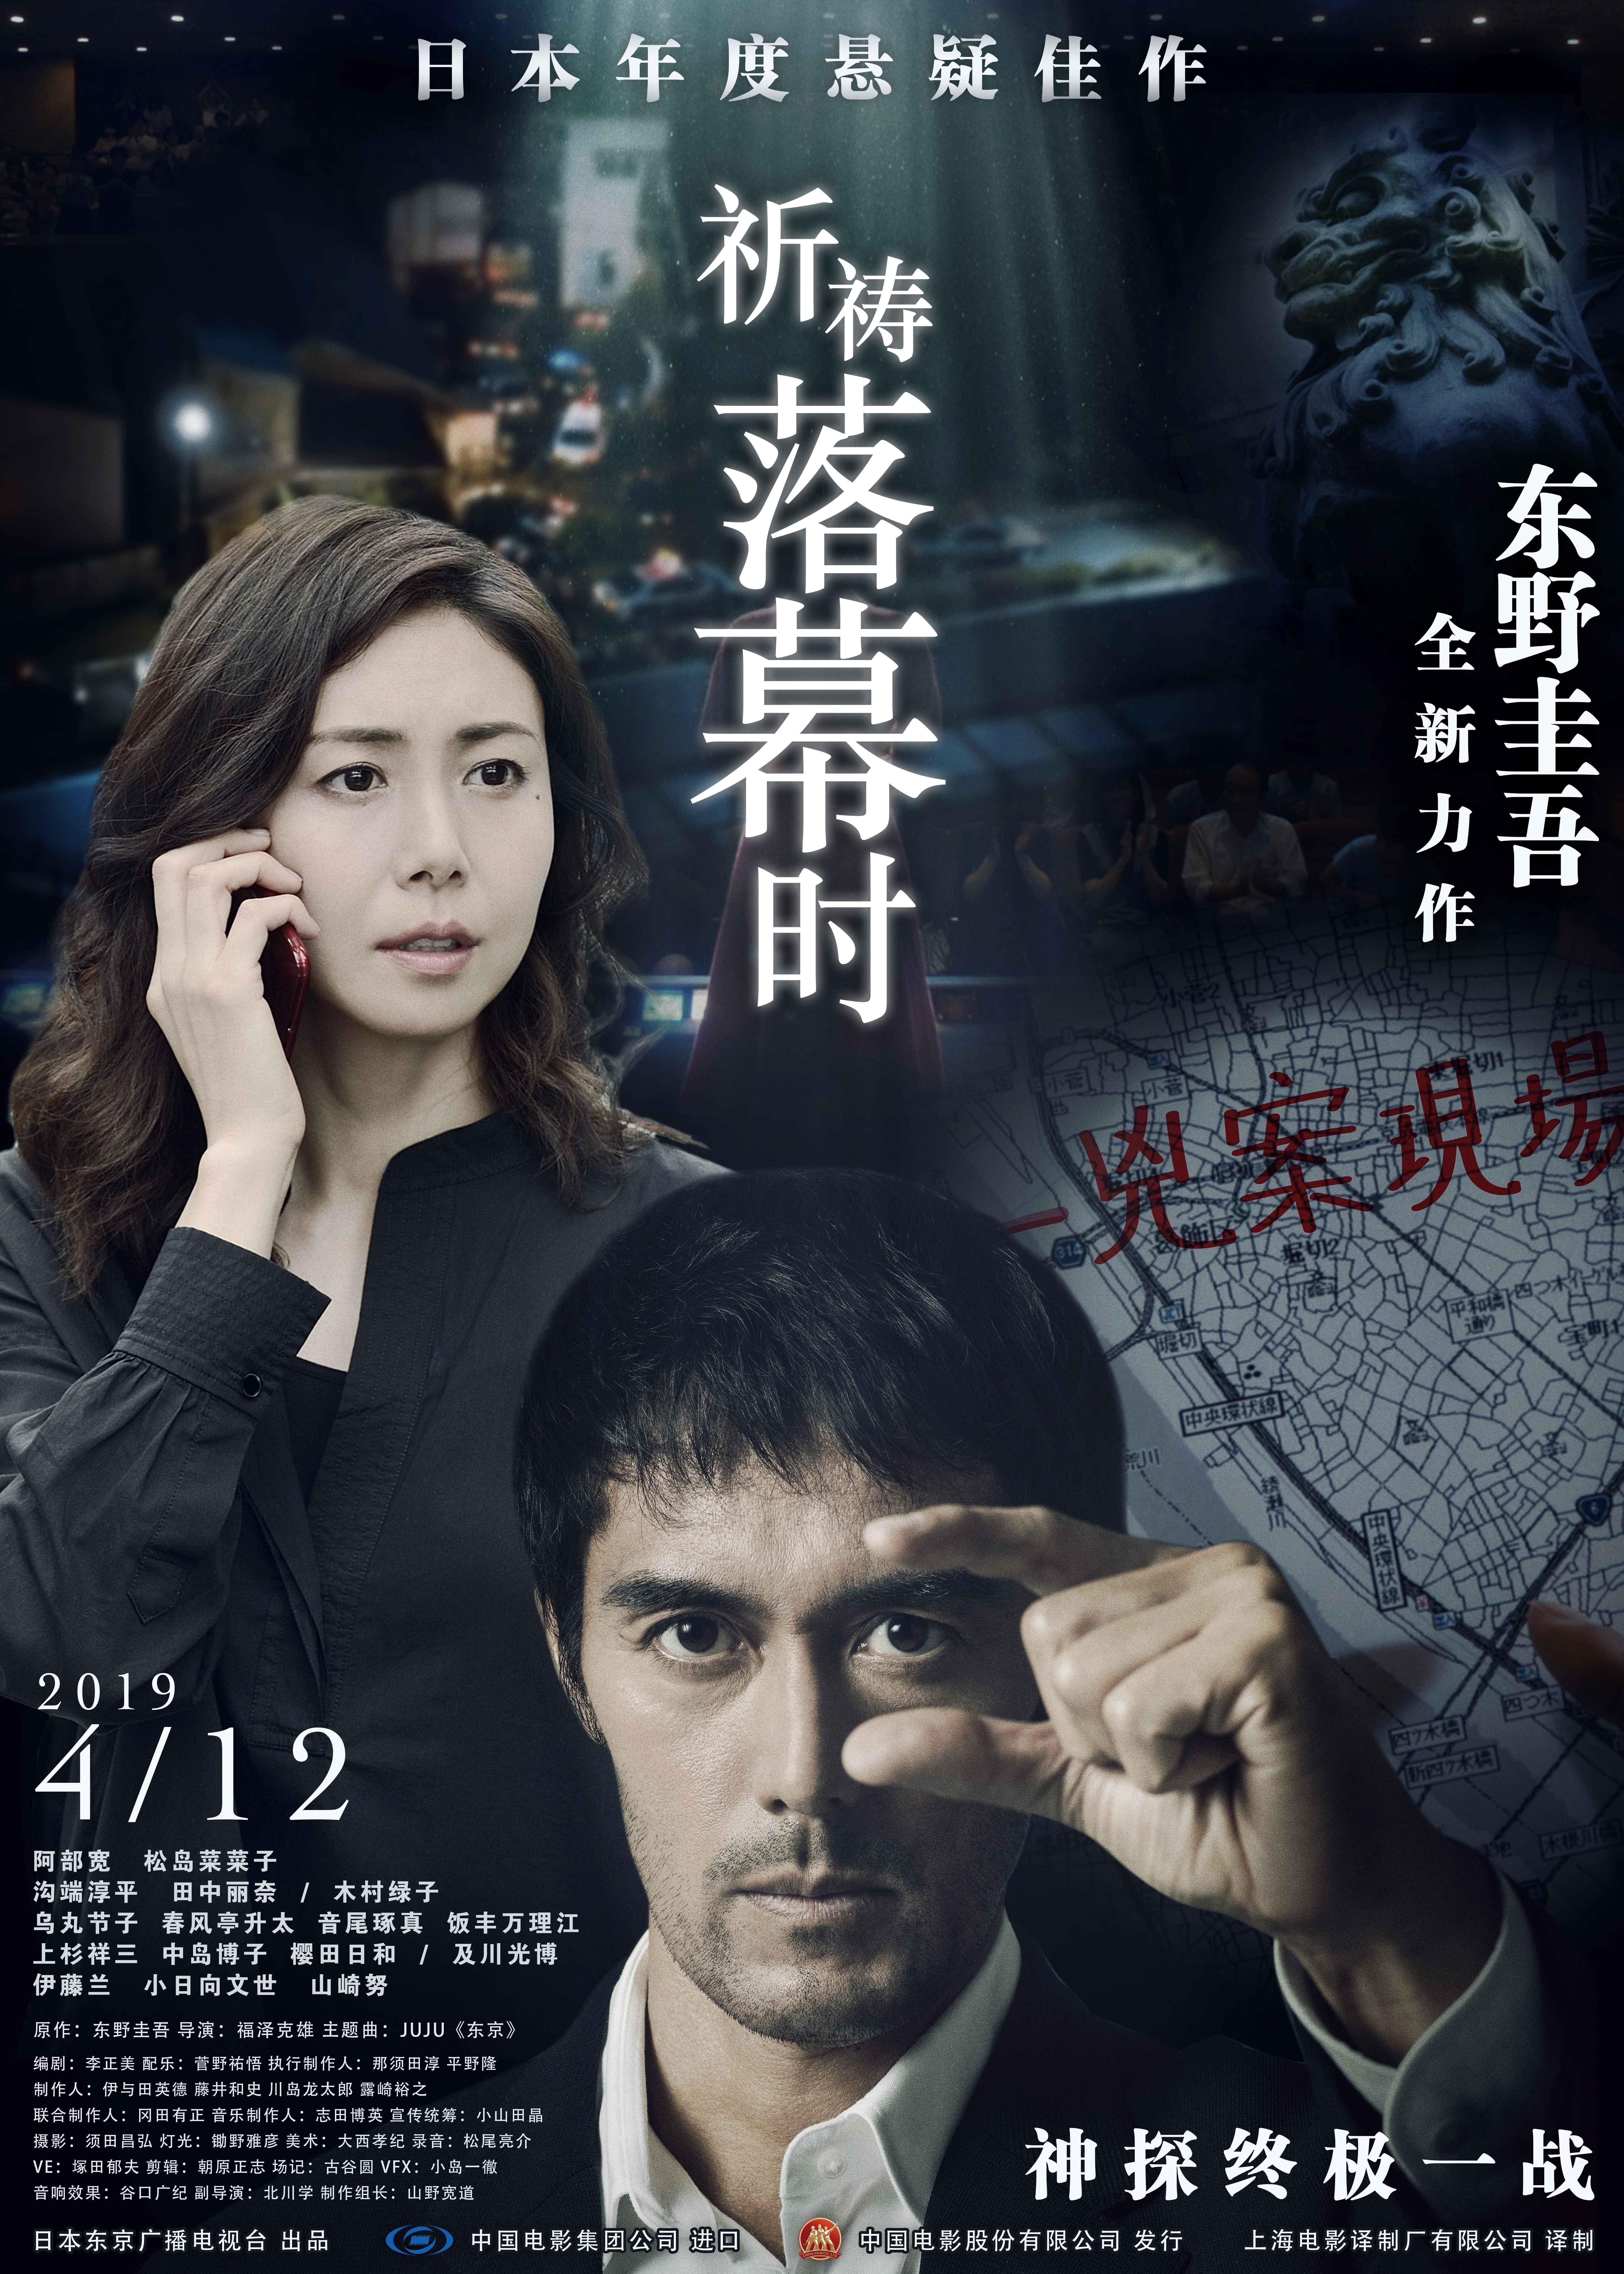 《祈禱落幕時》就是最好的東野圭吾改編電影?_小說